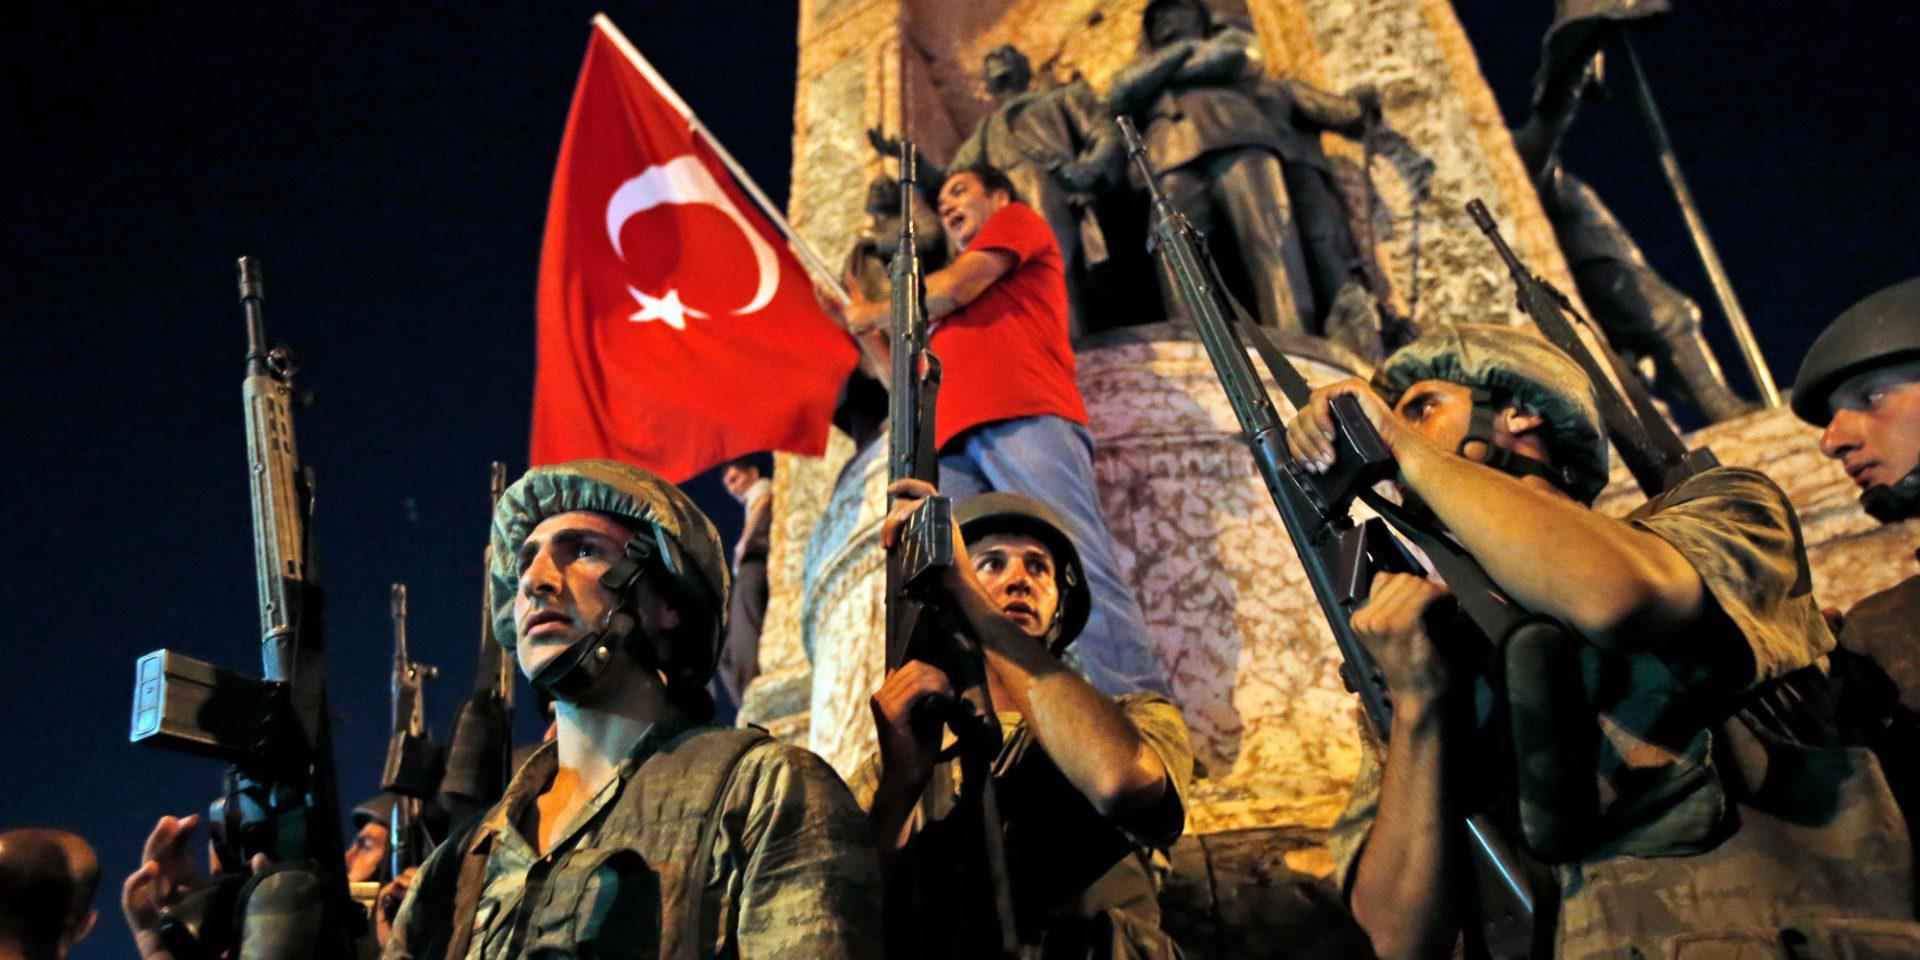 Τουρκία: Σε ισόβια 22 απόστρατοι στρατιωτικοί για το αποτυχημένο πραξικόπημα του 2016